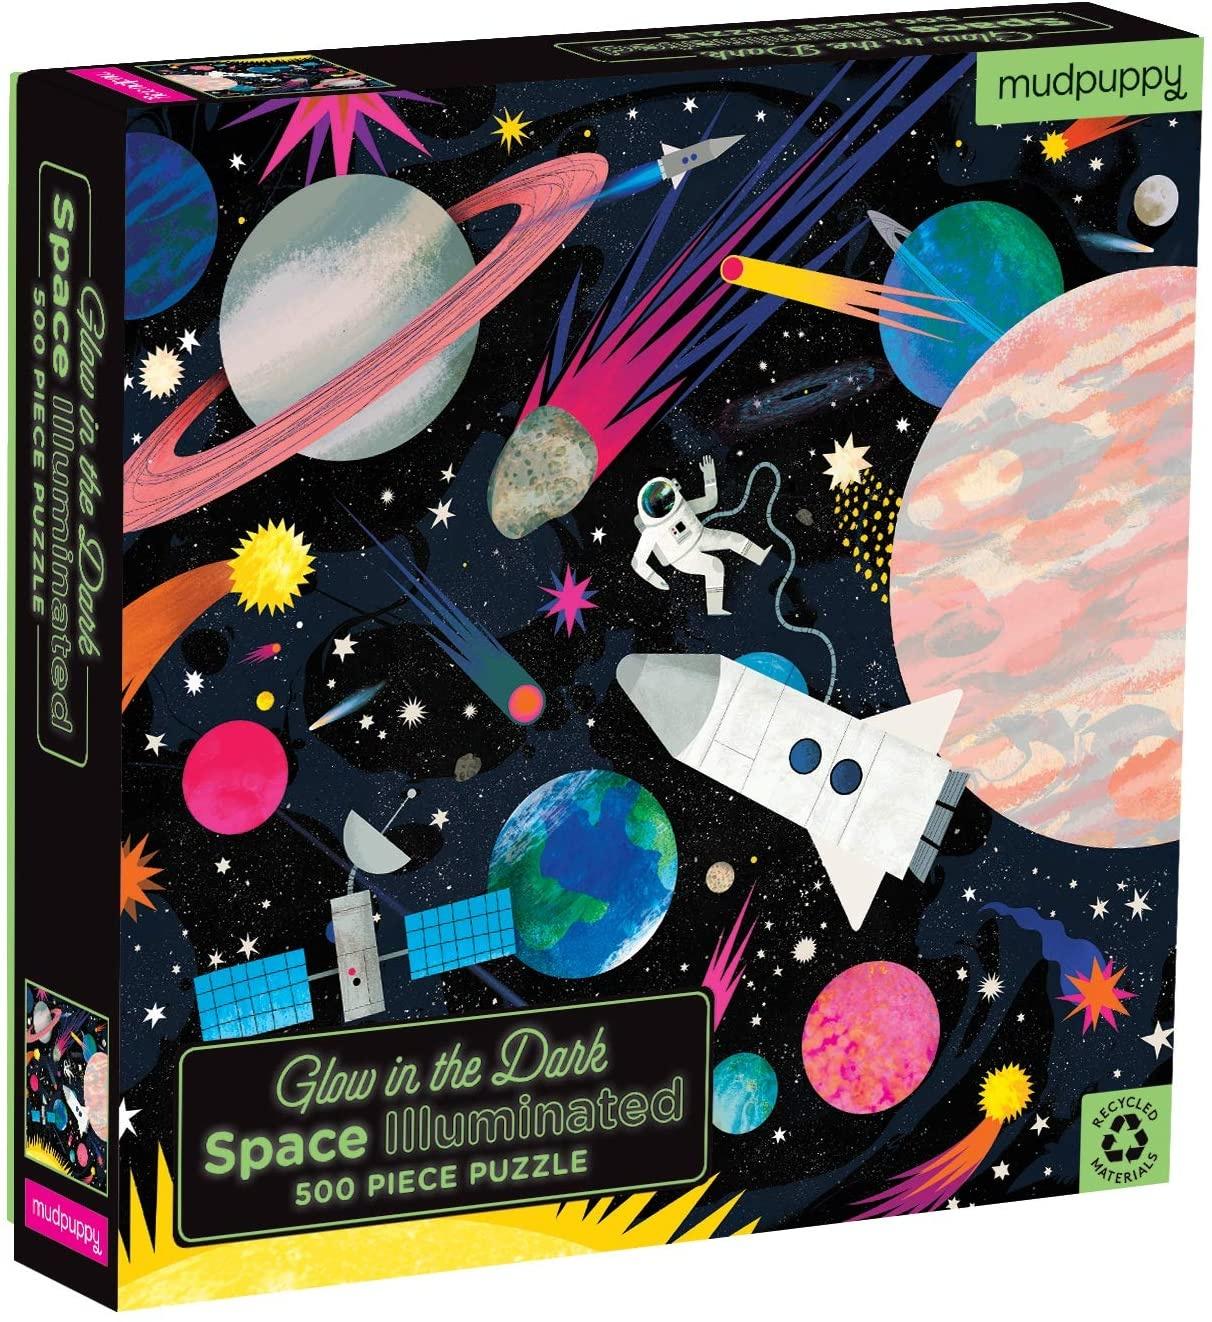 Mudpuppy Glow In The Dark Puzzel Space (500-delig)